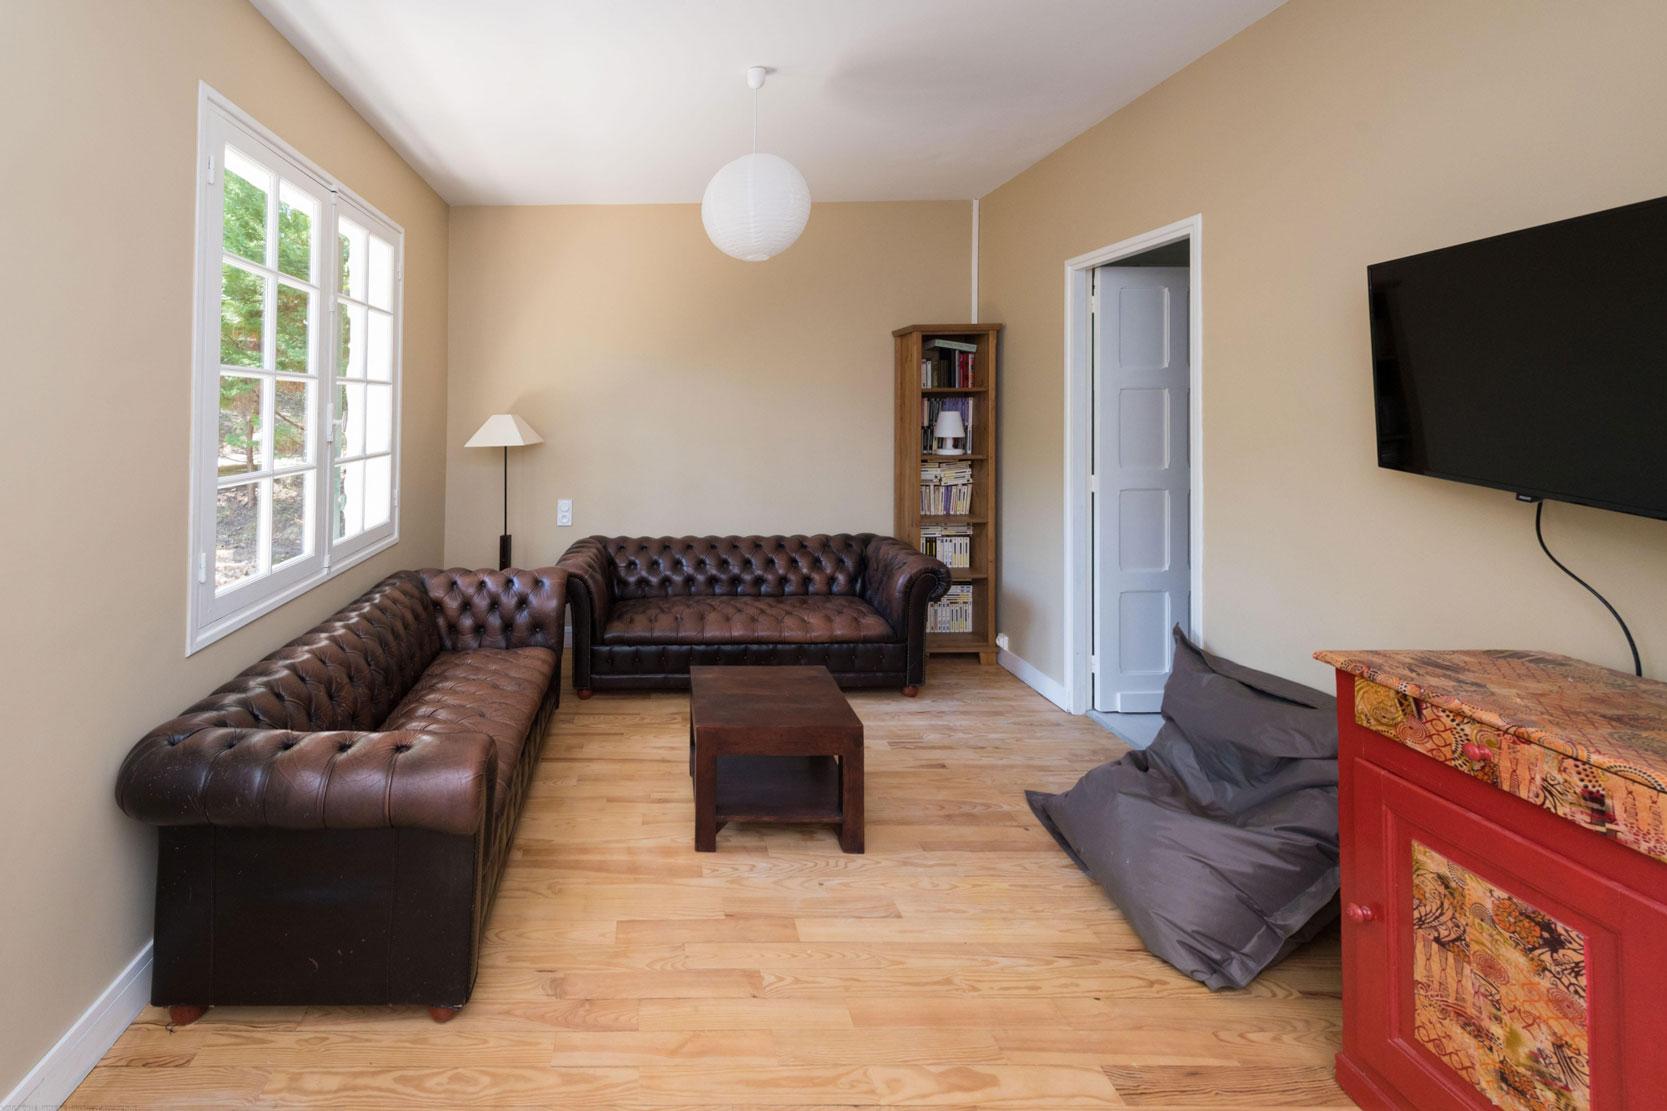 location villa haitza plage 8 personnes 4 chambres calme louer